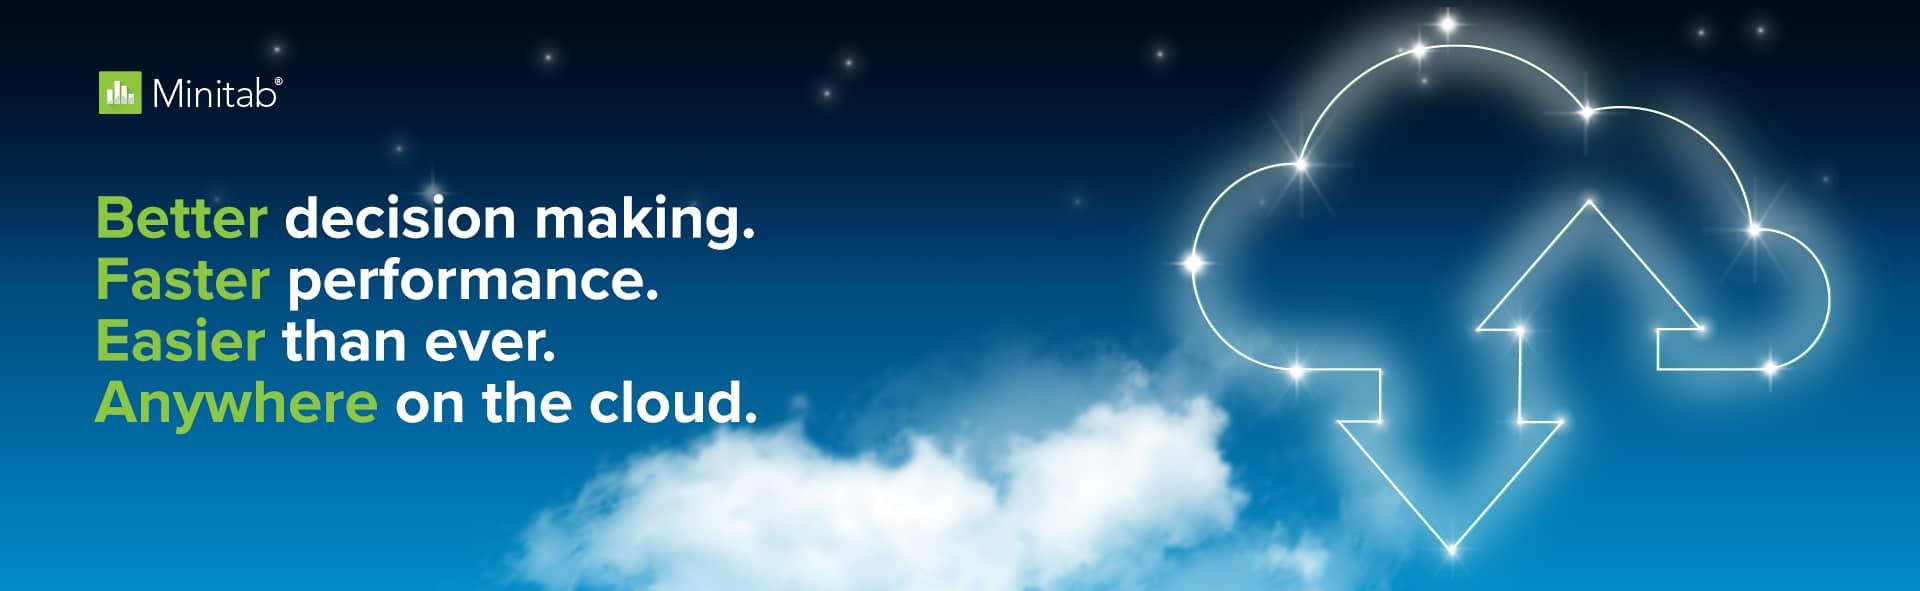 Minitab on the cloud